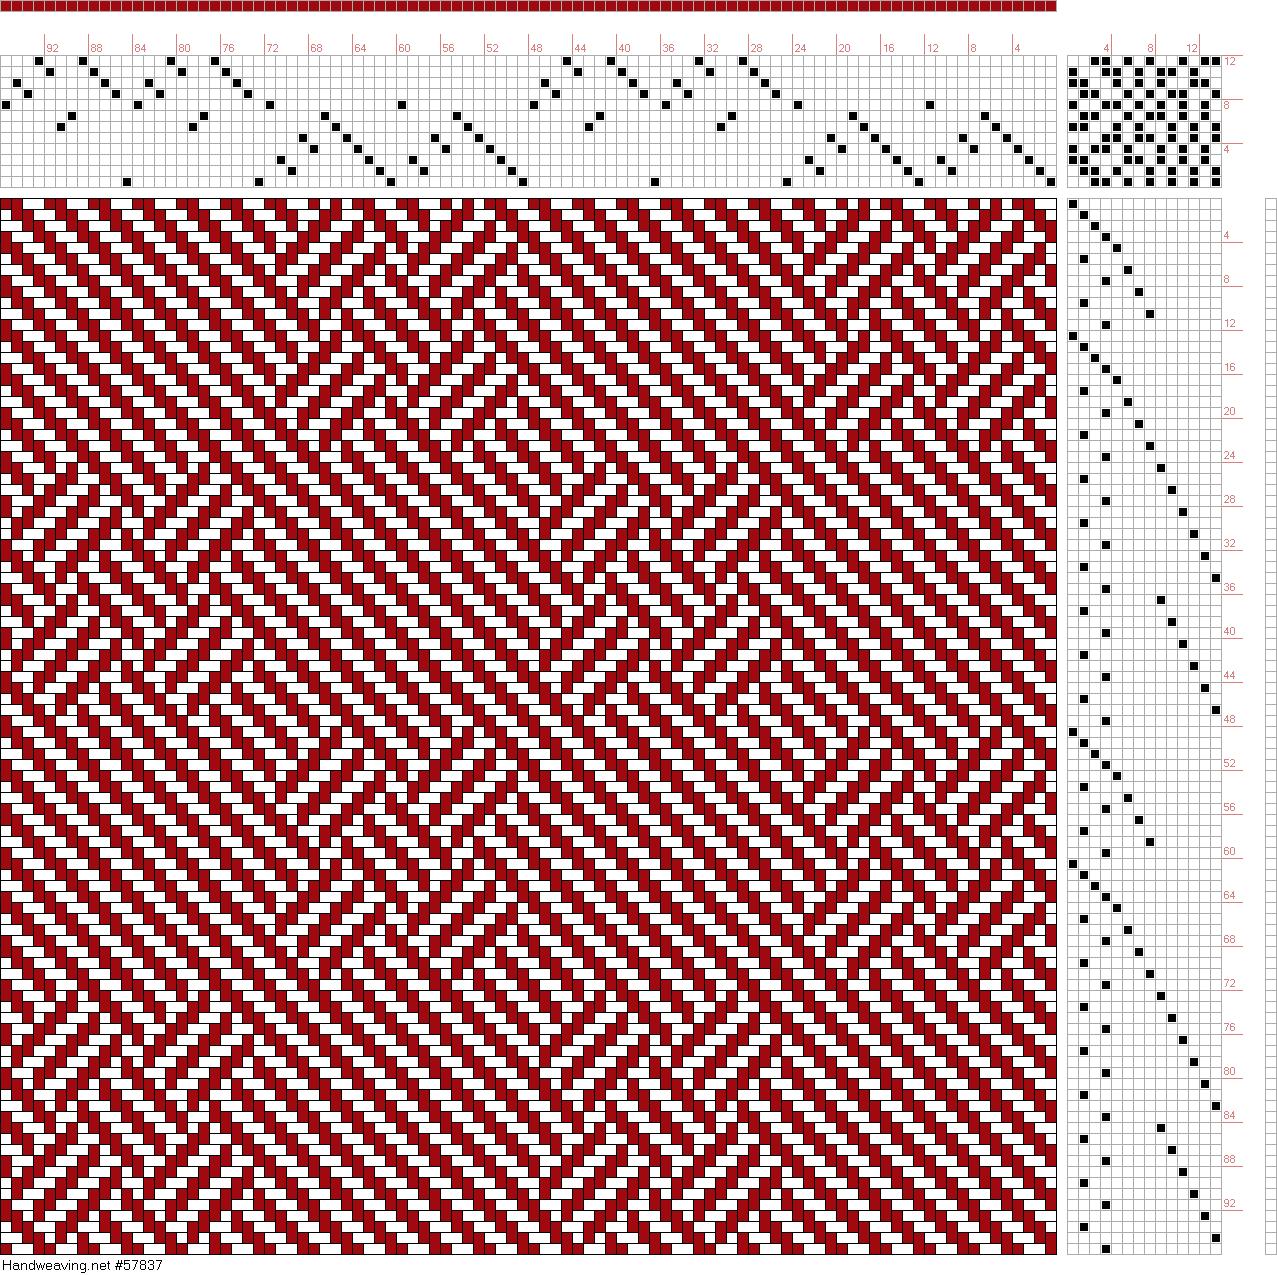 draft image: Page 1, Figure 2, Posselt's Textile Journal, April 1911, 12S, 14T